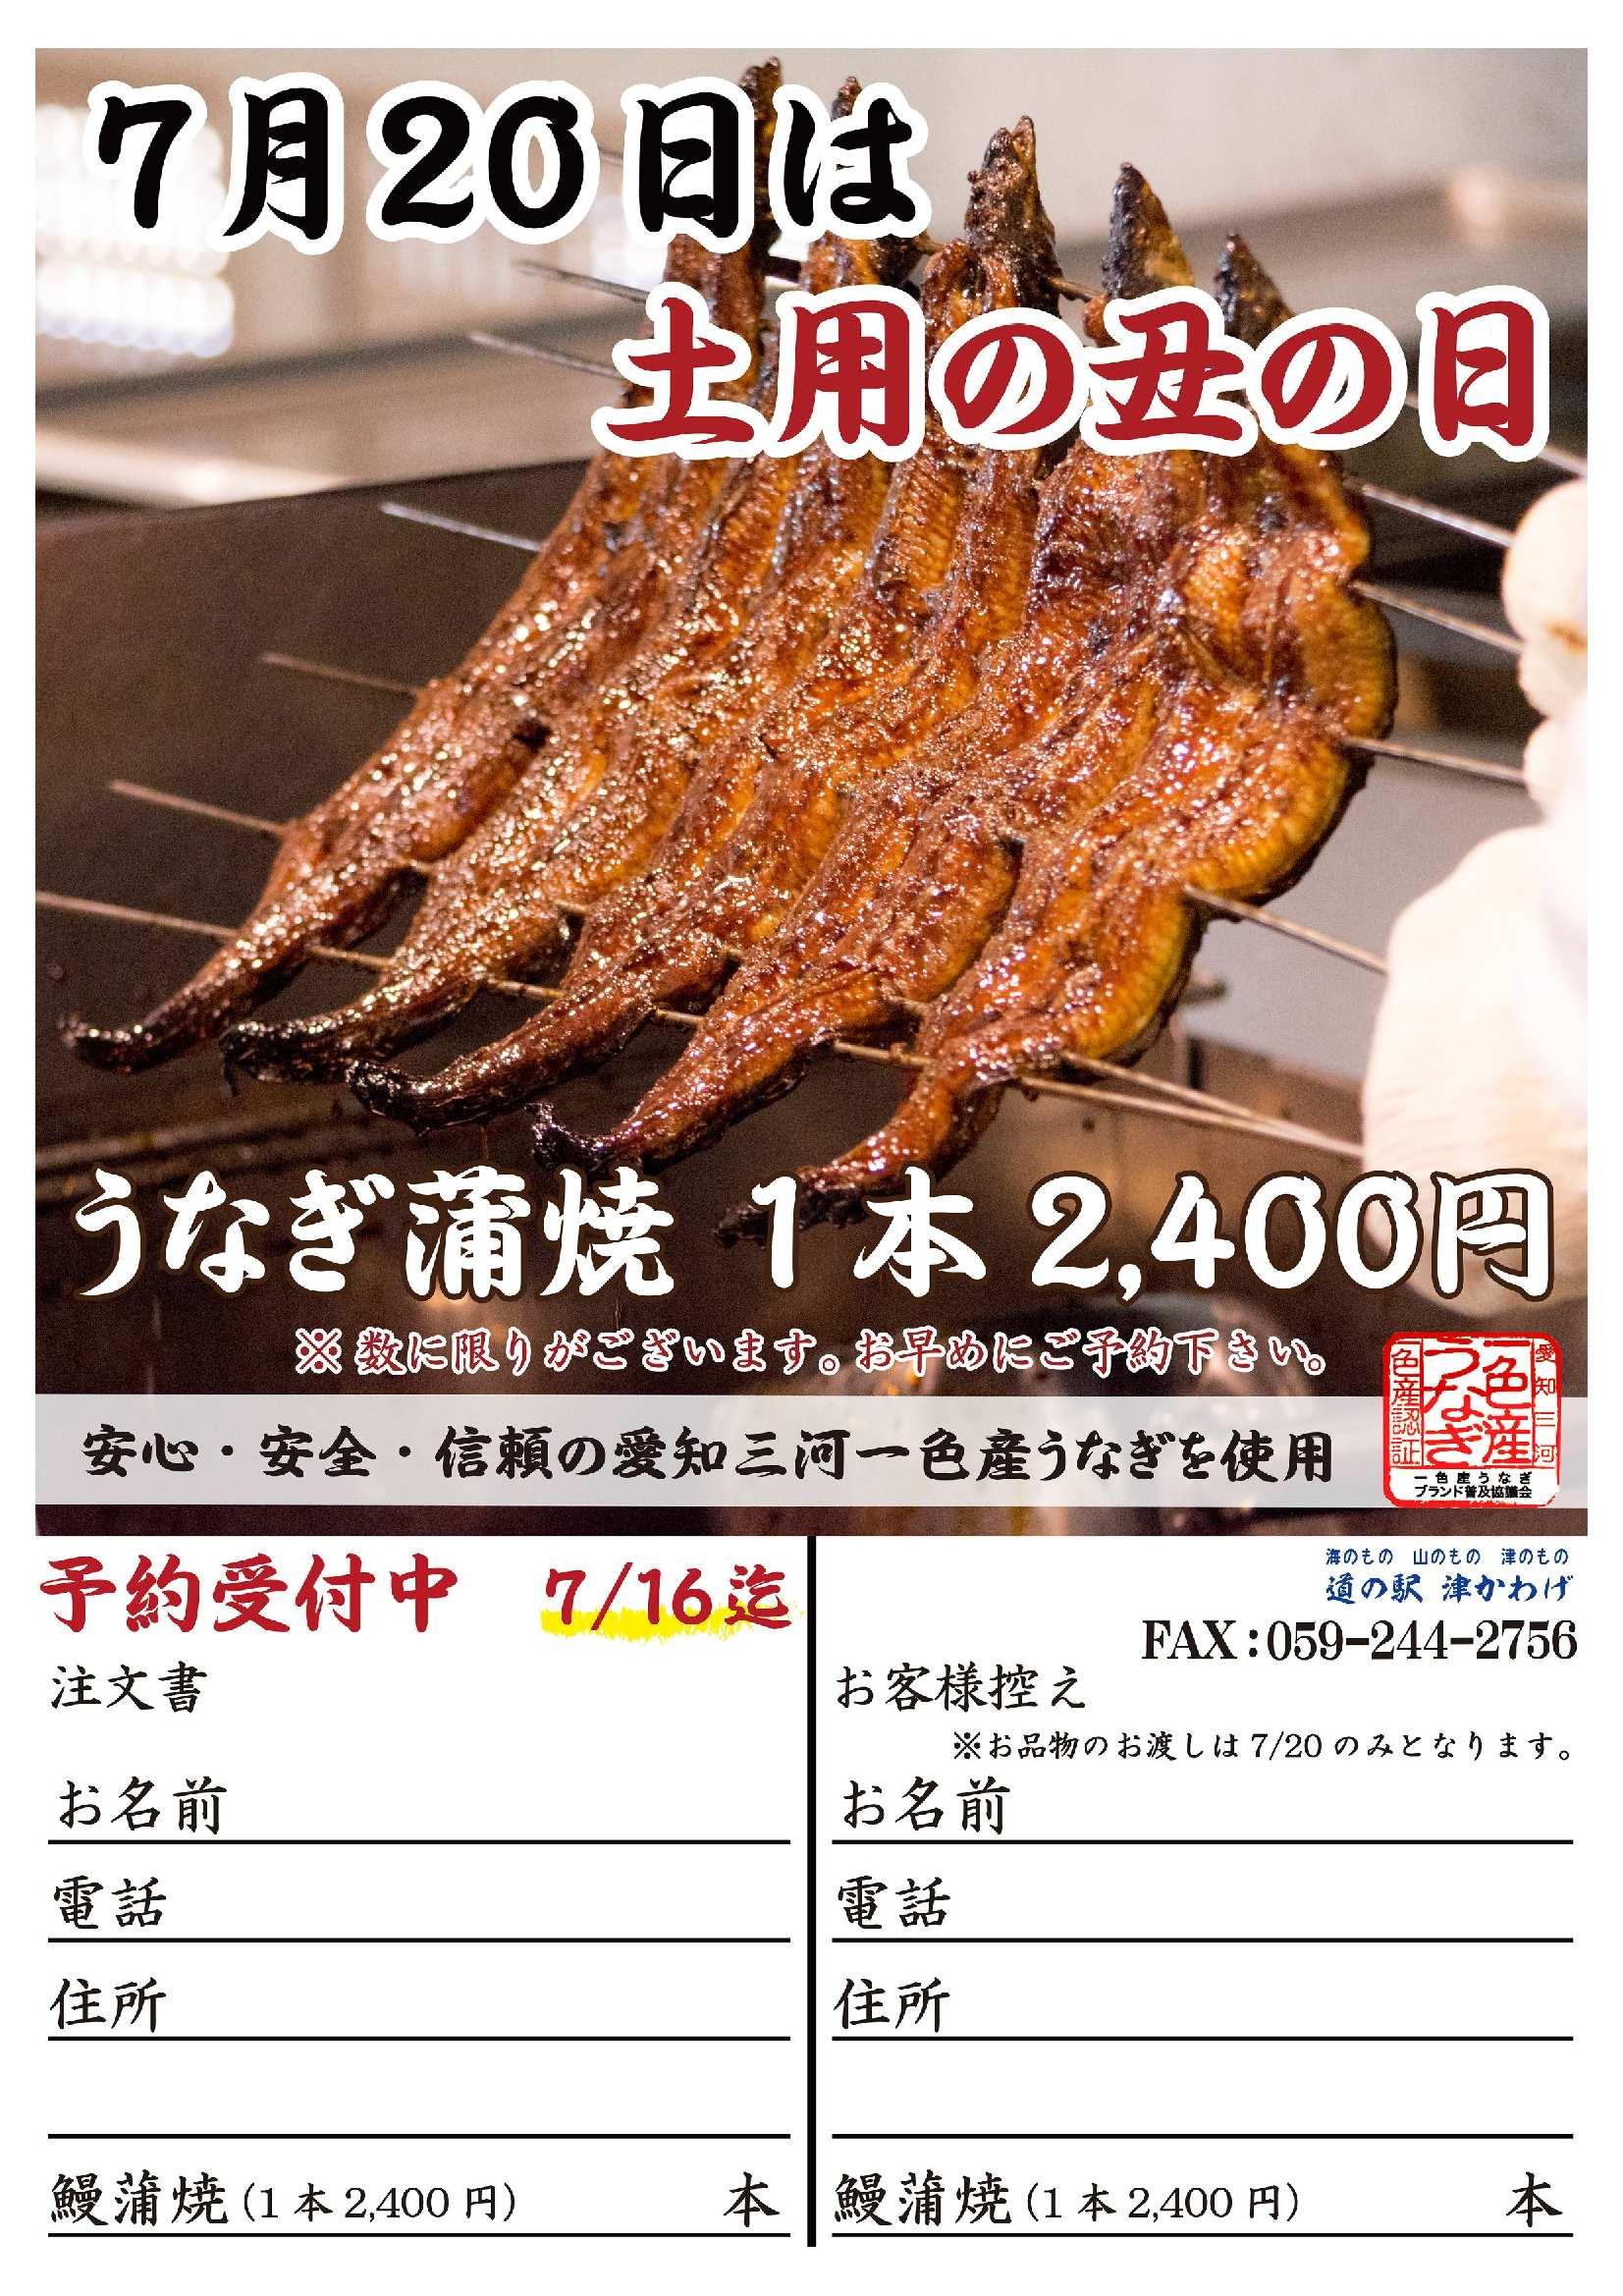 うなぎ2018津かわげ_注文用紙02